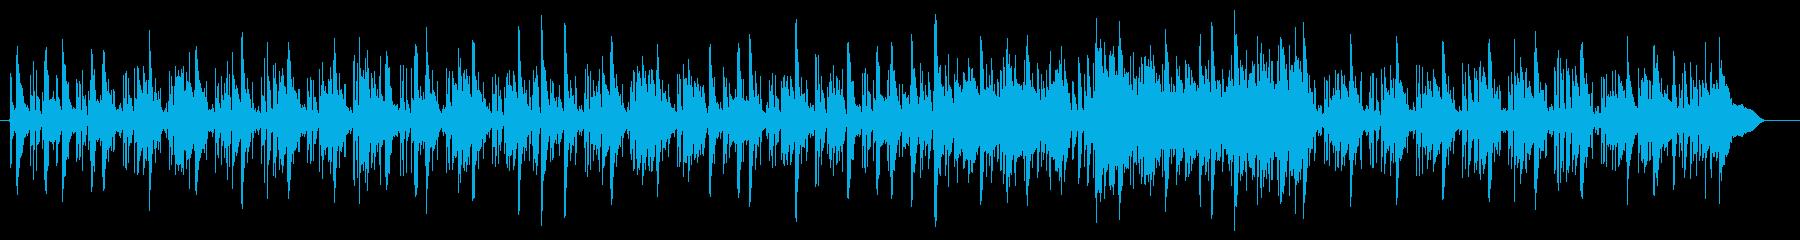 お洒落なR&BサウンドBGMの再生済みの波形